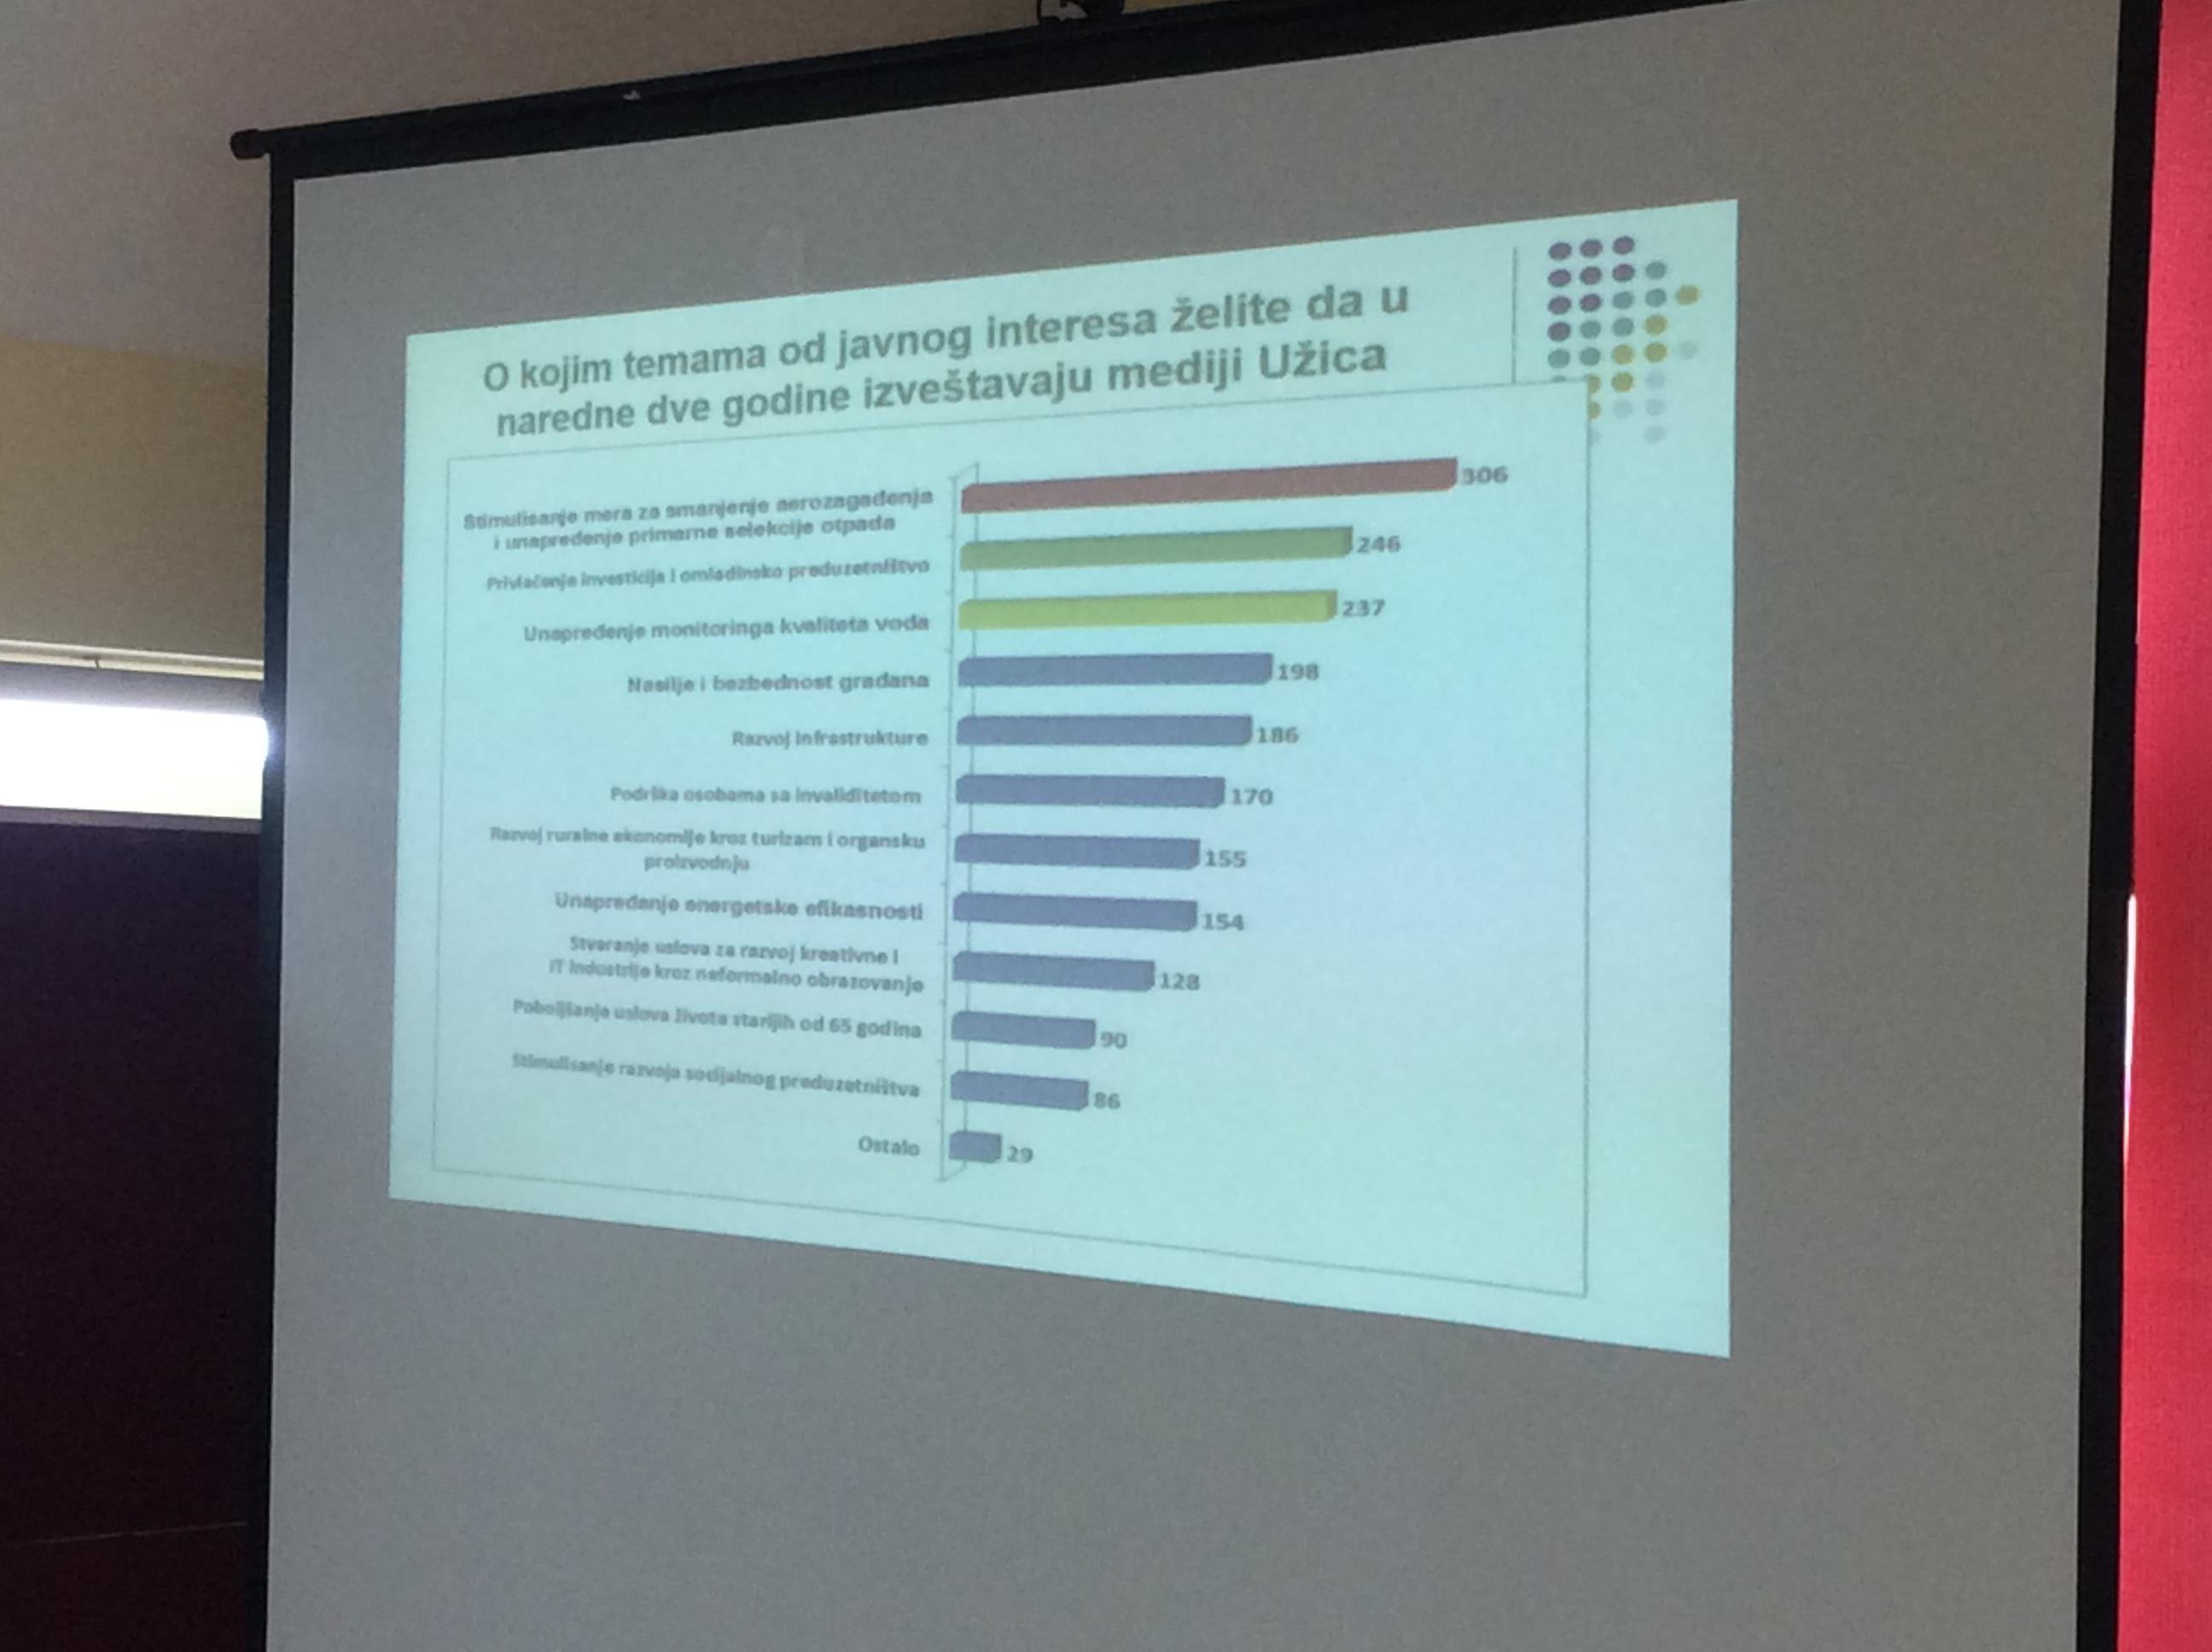 Teme od javnog interesa koje su fokusirali građani koji su popunili online anketu Foto--URP